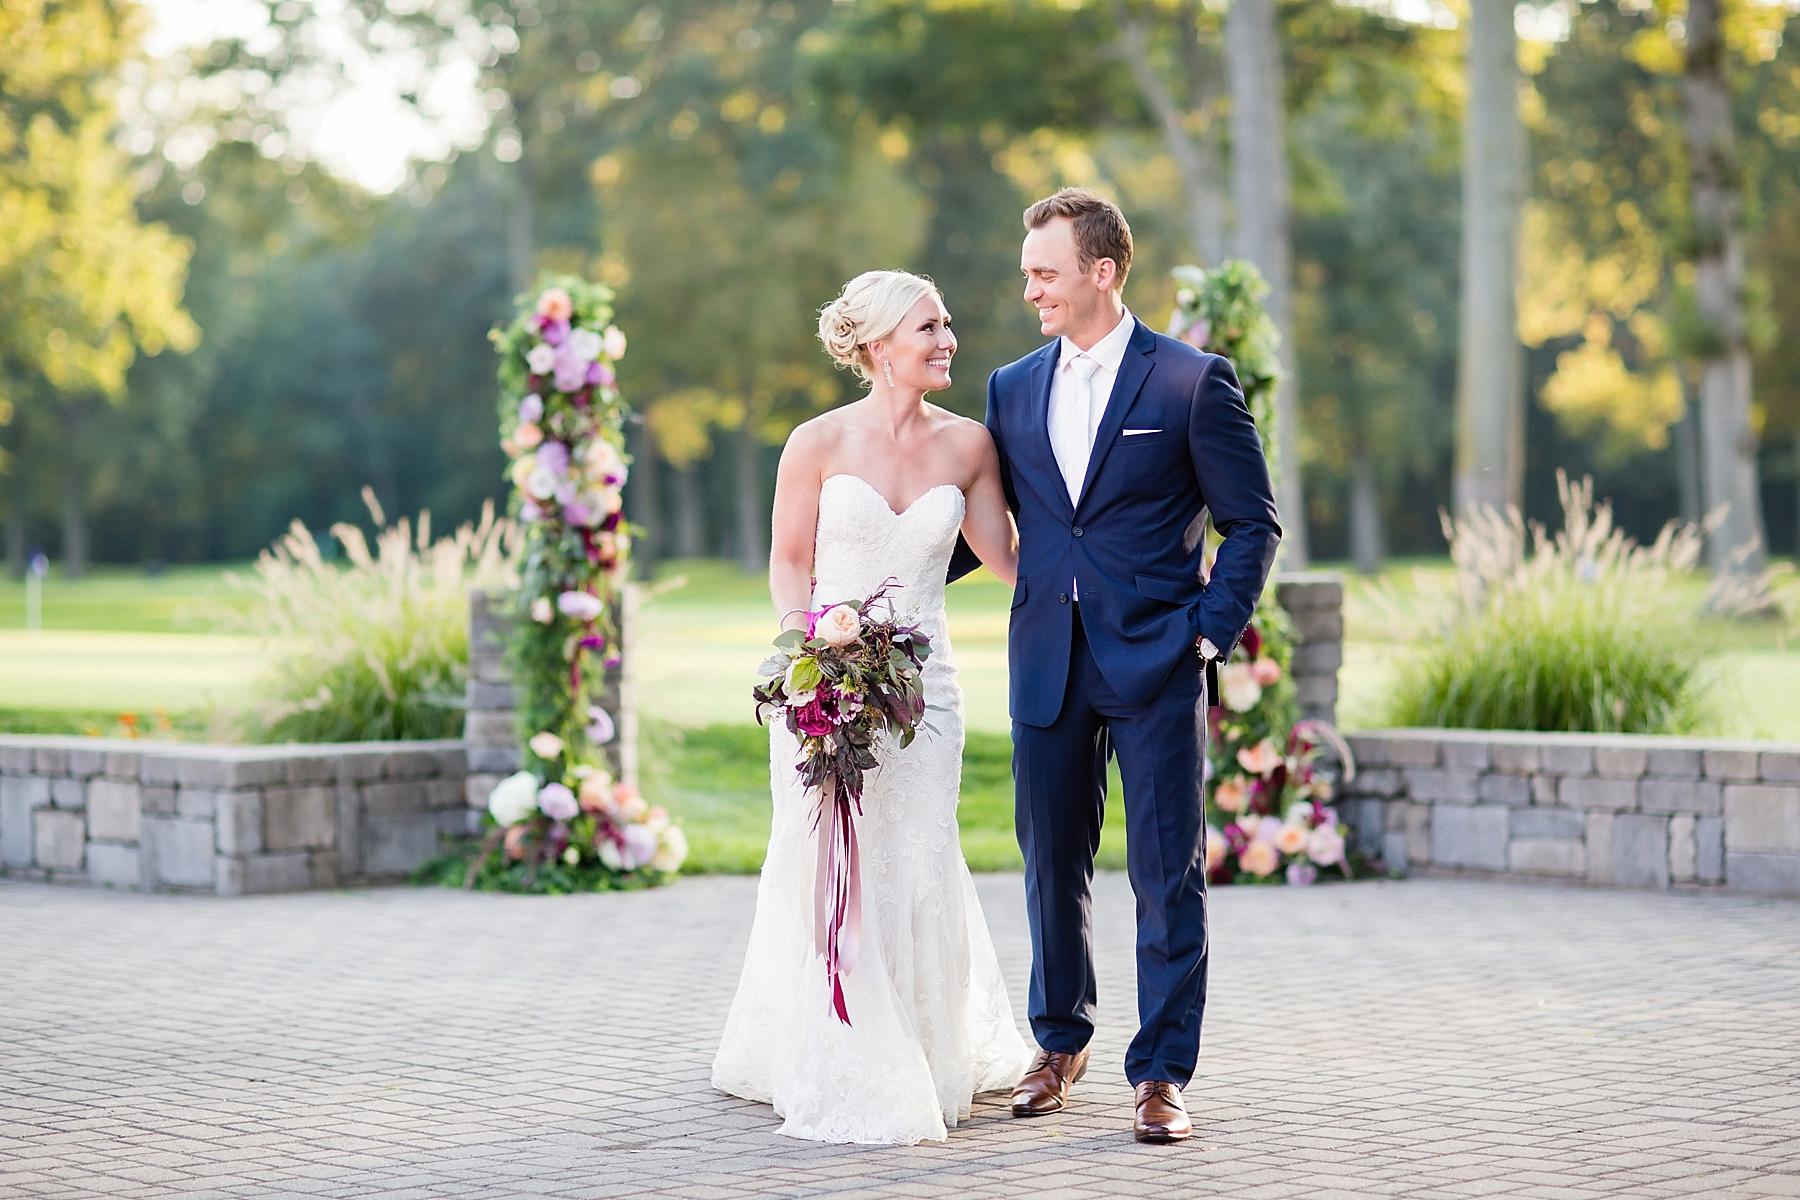 windsor-wedding-photographer-essex-golf-country-club-wedding-eryn-shea-photography_0001.jpg